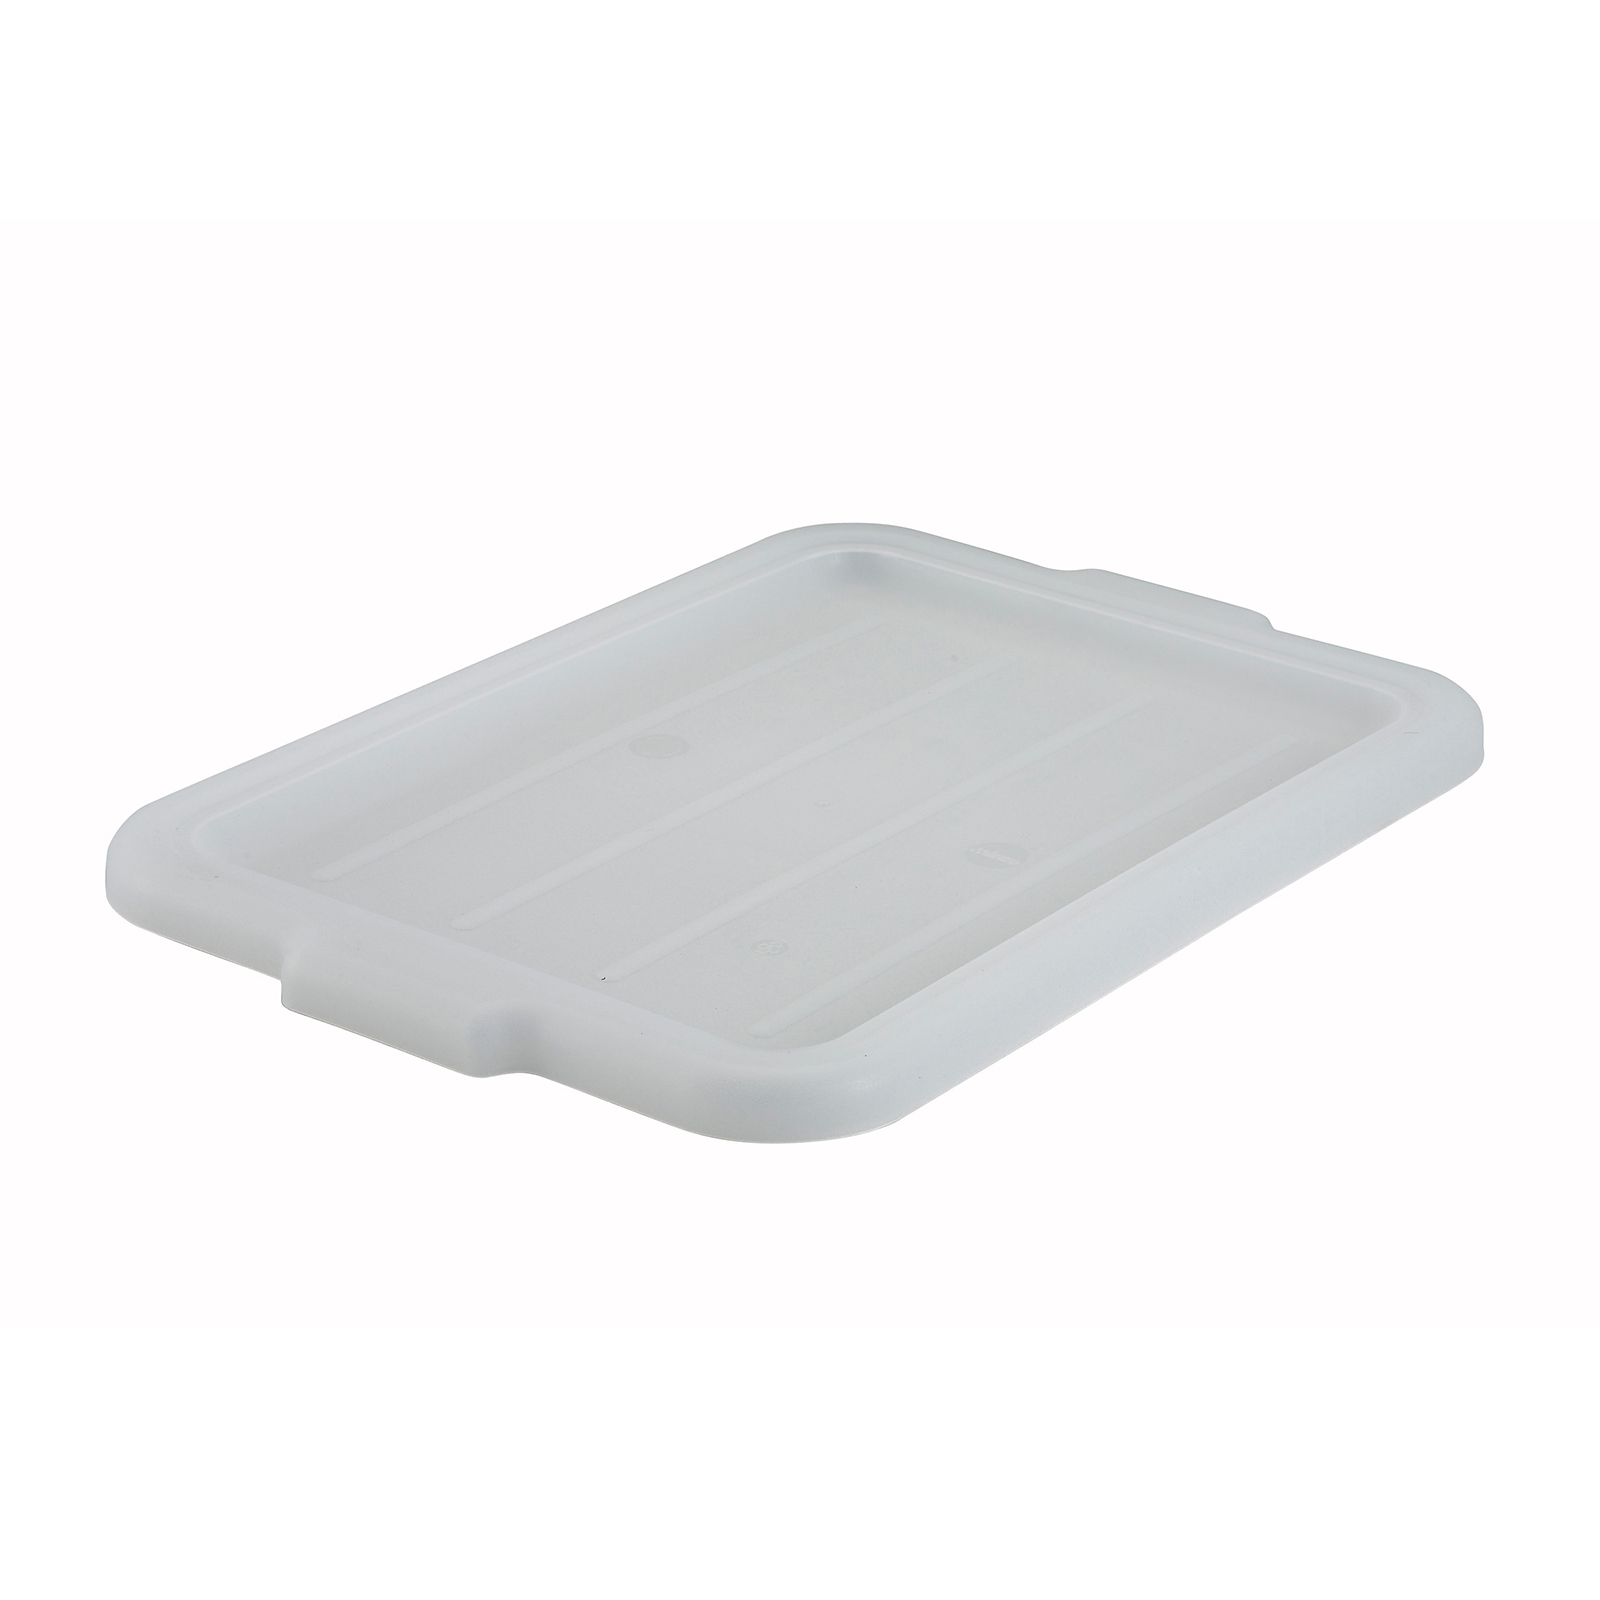 Winco PL-57W bus box / tub cover